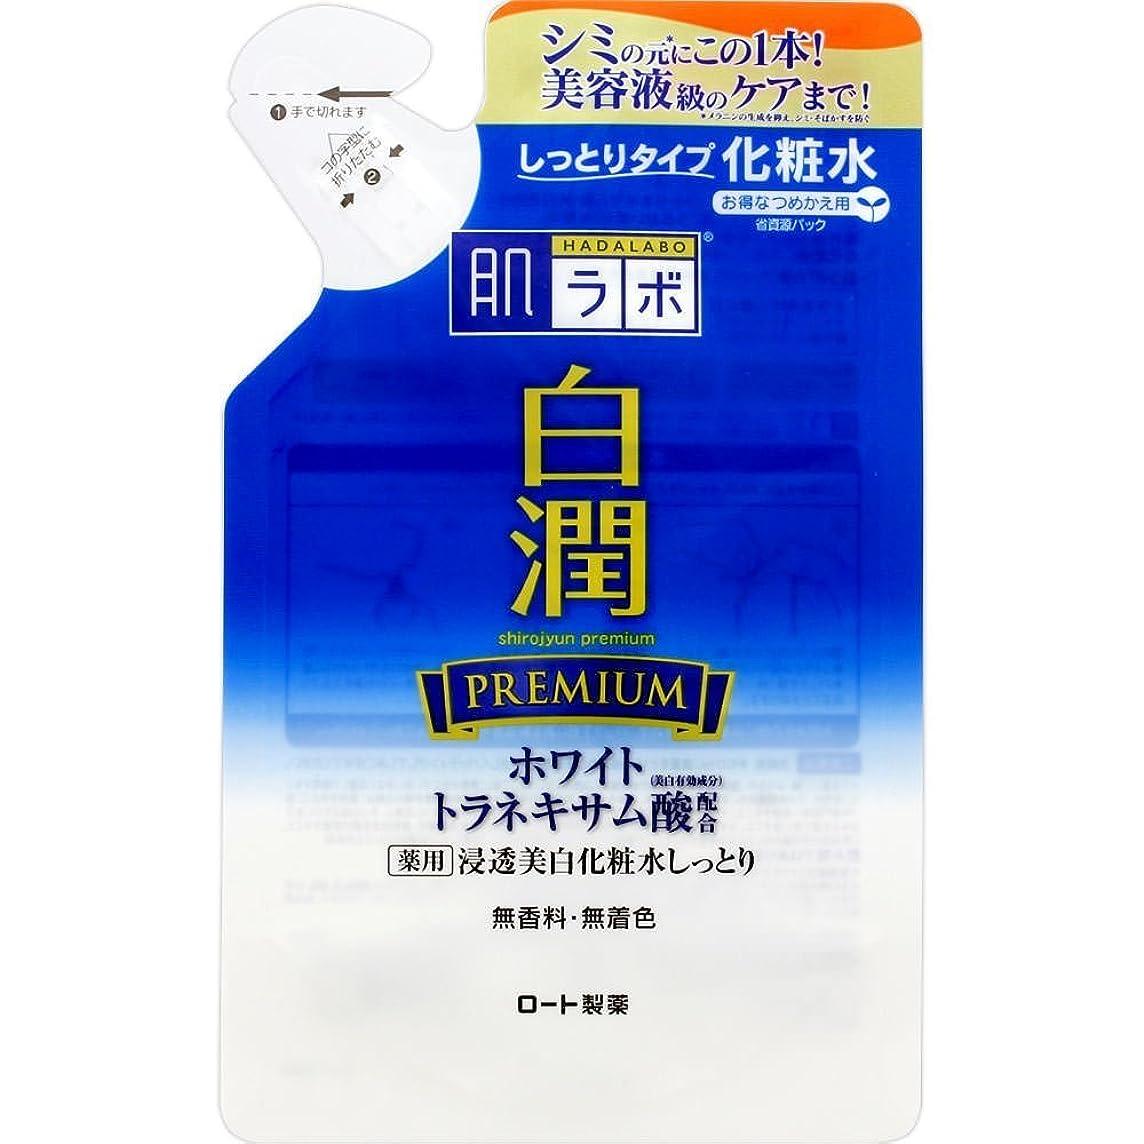 いとこ代わりの世界的に肌ラボ 白潤プレミアム 薬用浸透美白化粧水しっとり つめかえ用 170mL (医薬部外品)